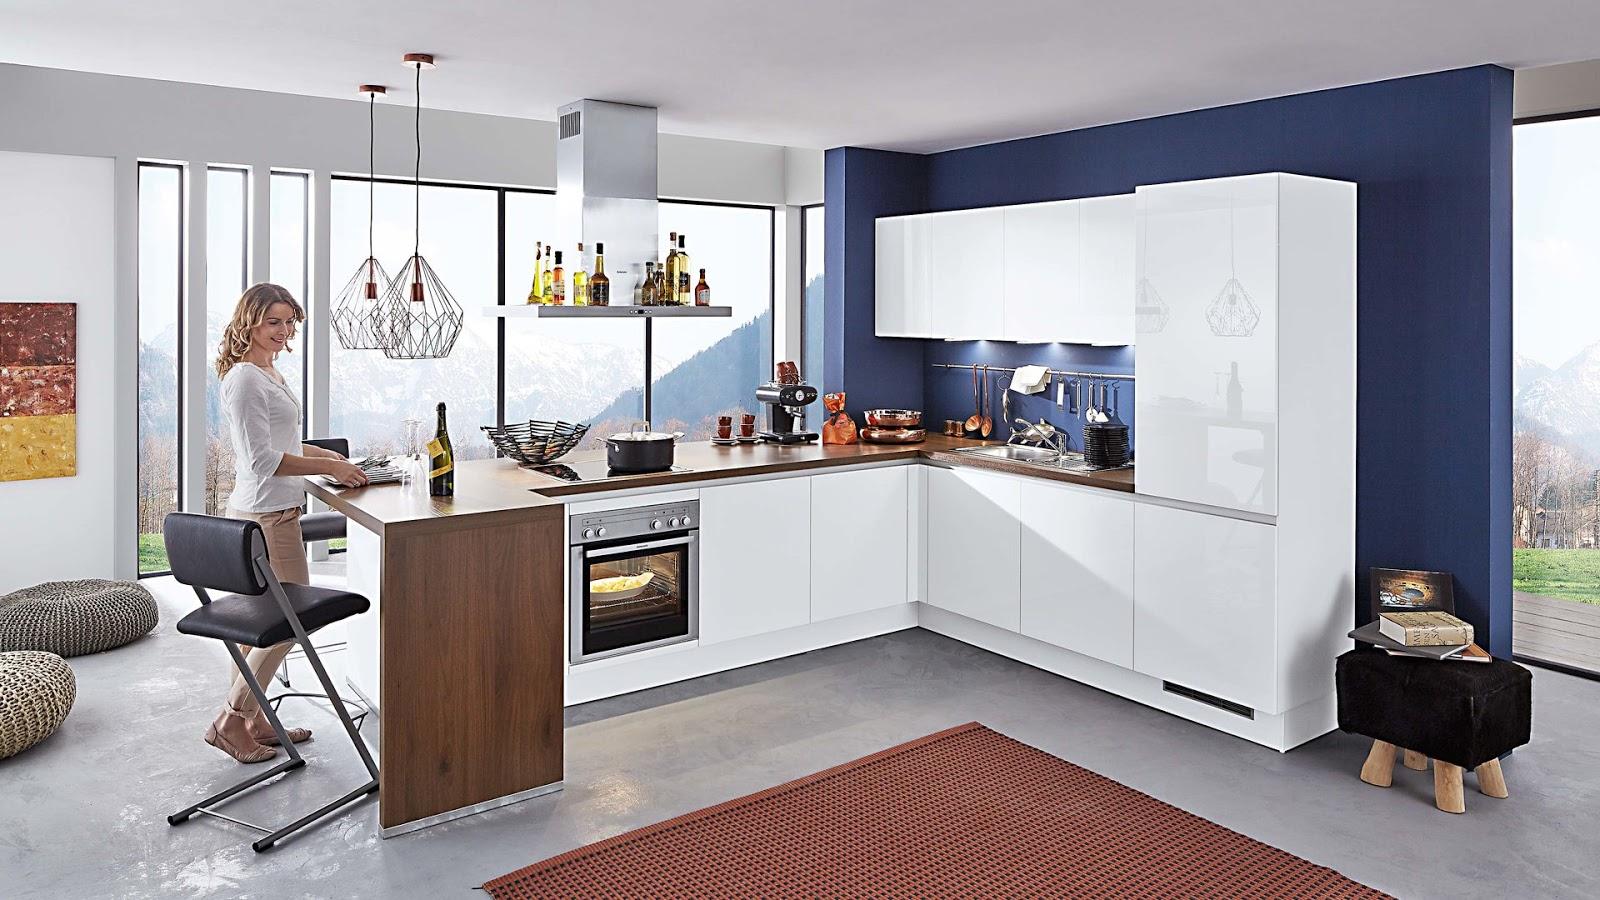 Full Size of Kchen Aktuell Lbeck Verkaufsoffener Sonntag Home Creation Küchen Regal Wohnzimmer Küchen Aktuell